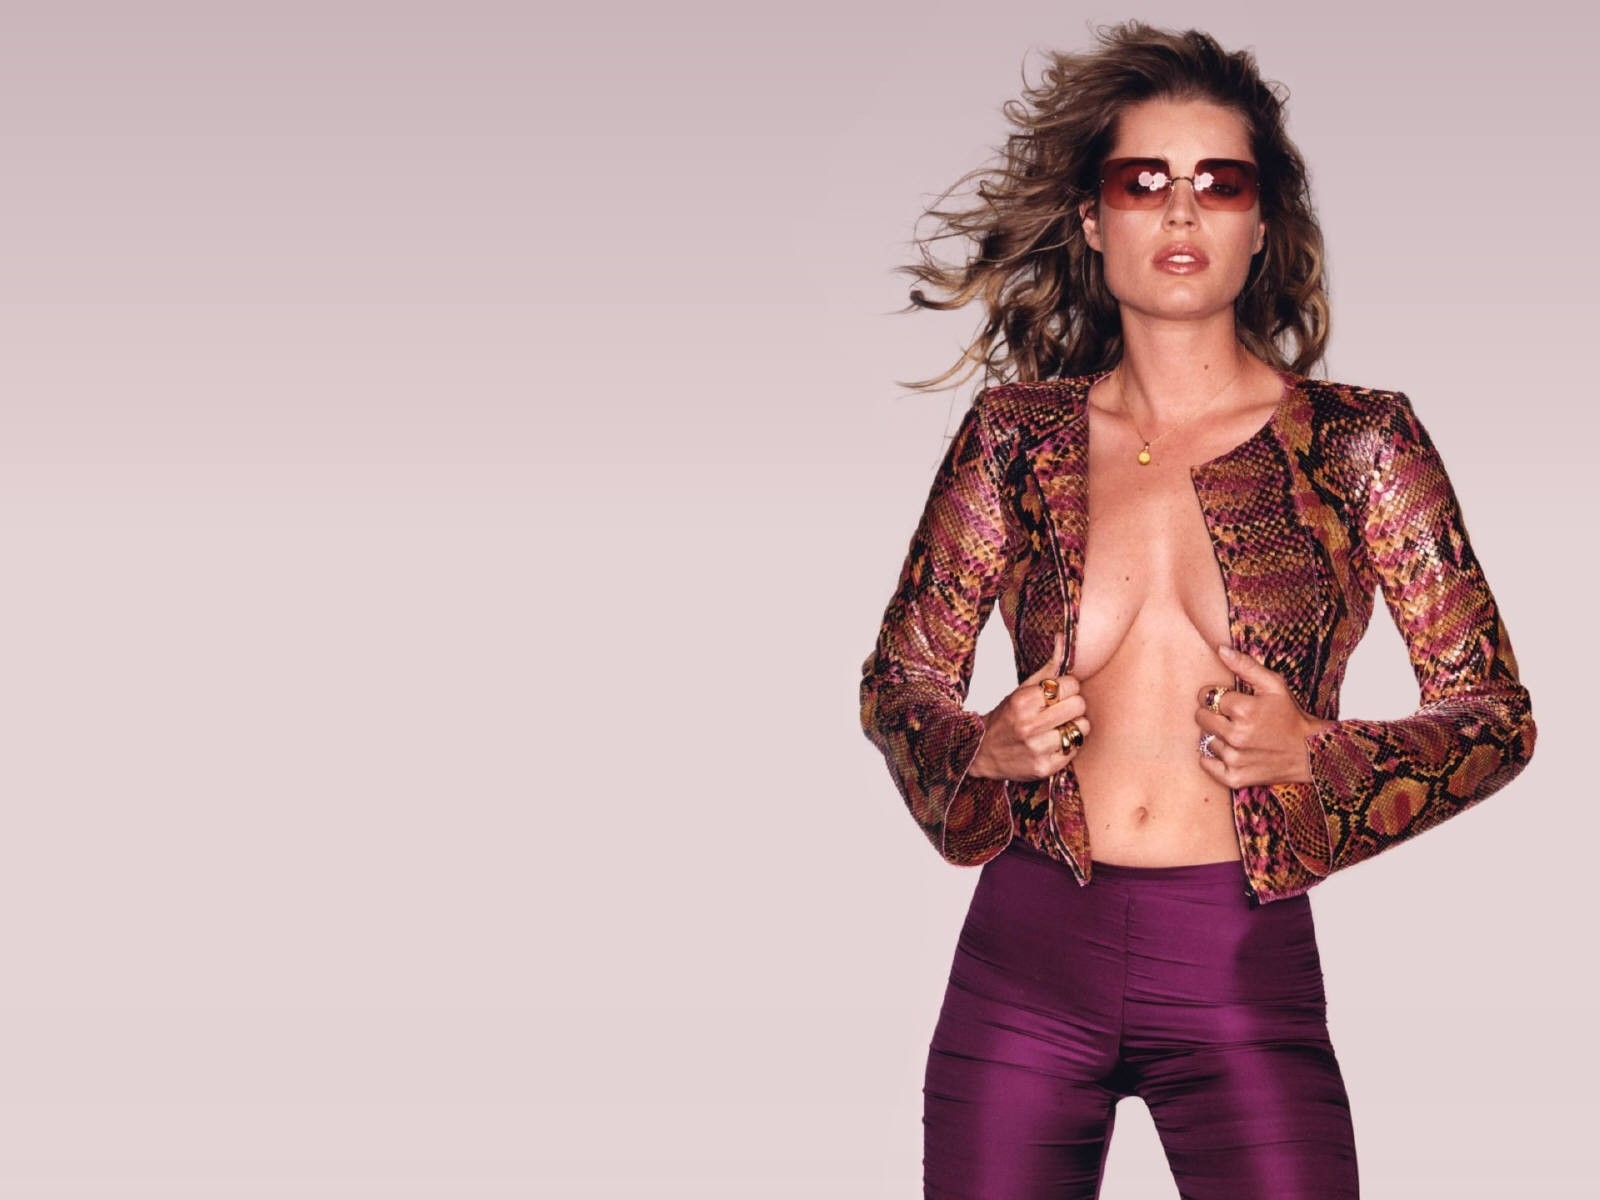 Wallpaper: scollatura mozzafiato per Rebecca Romijn